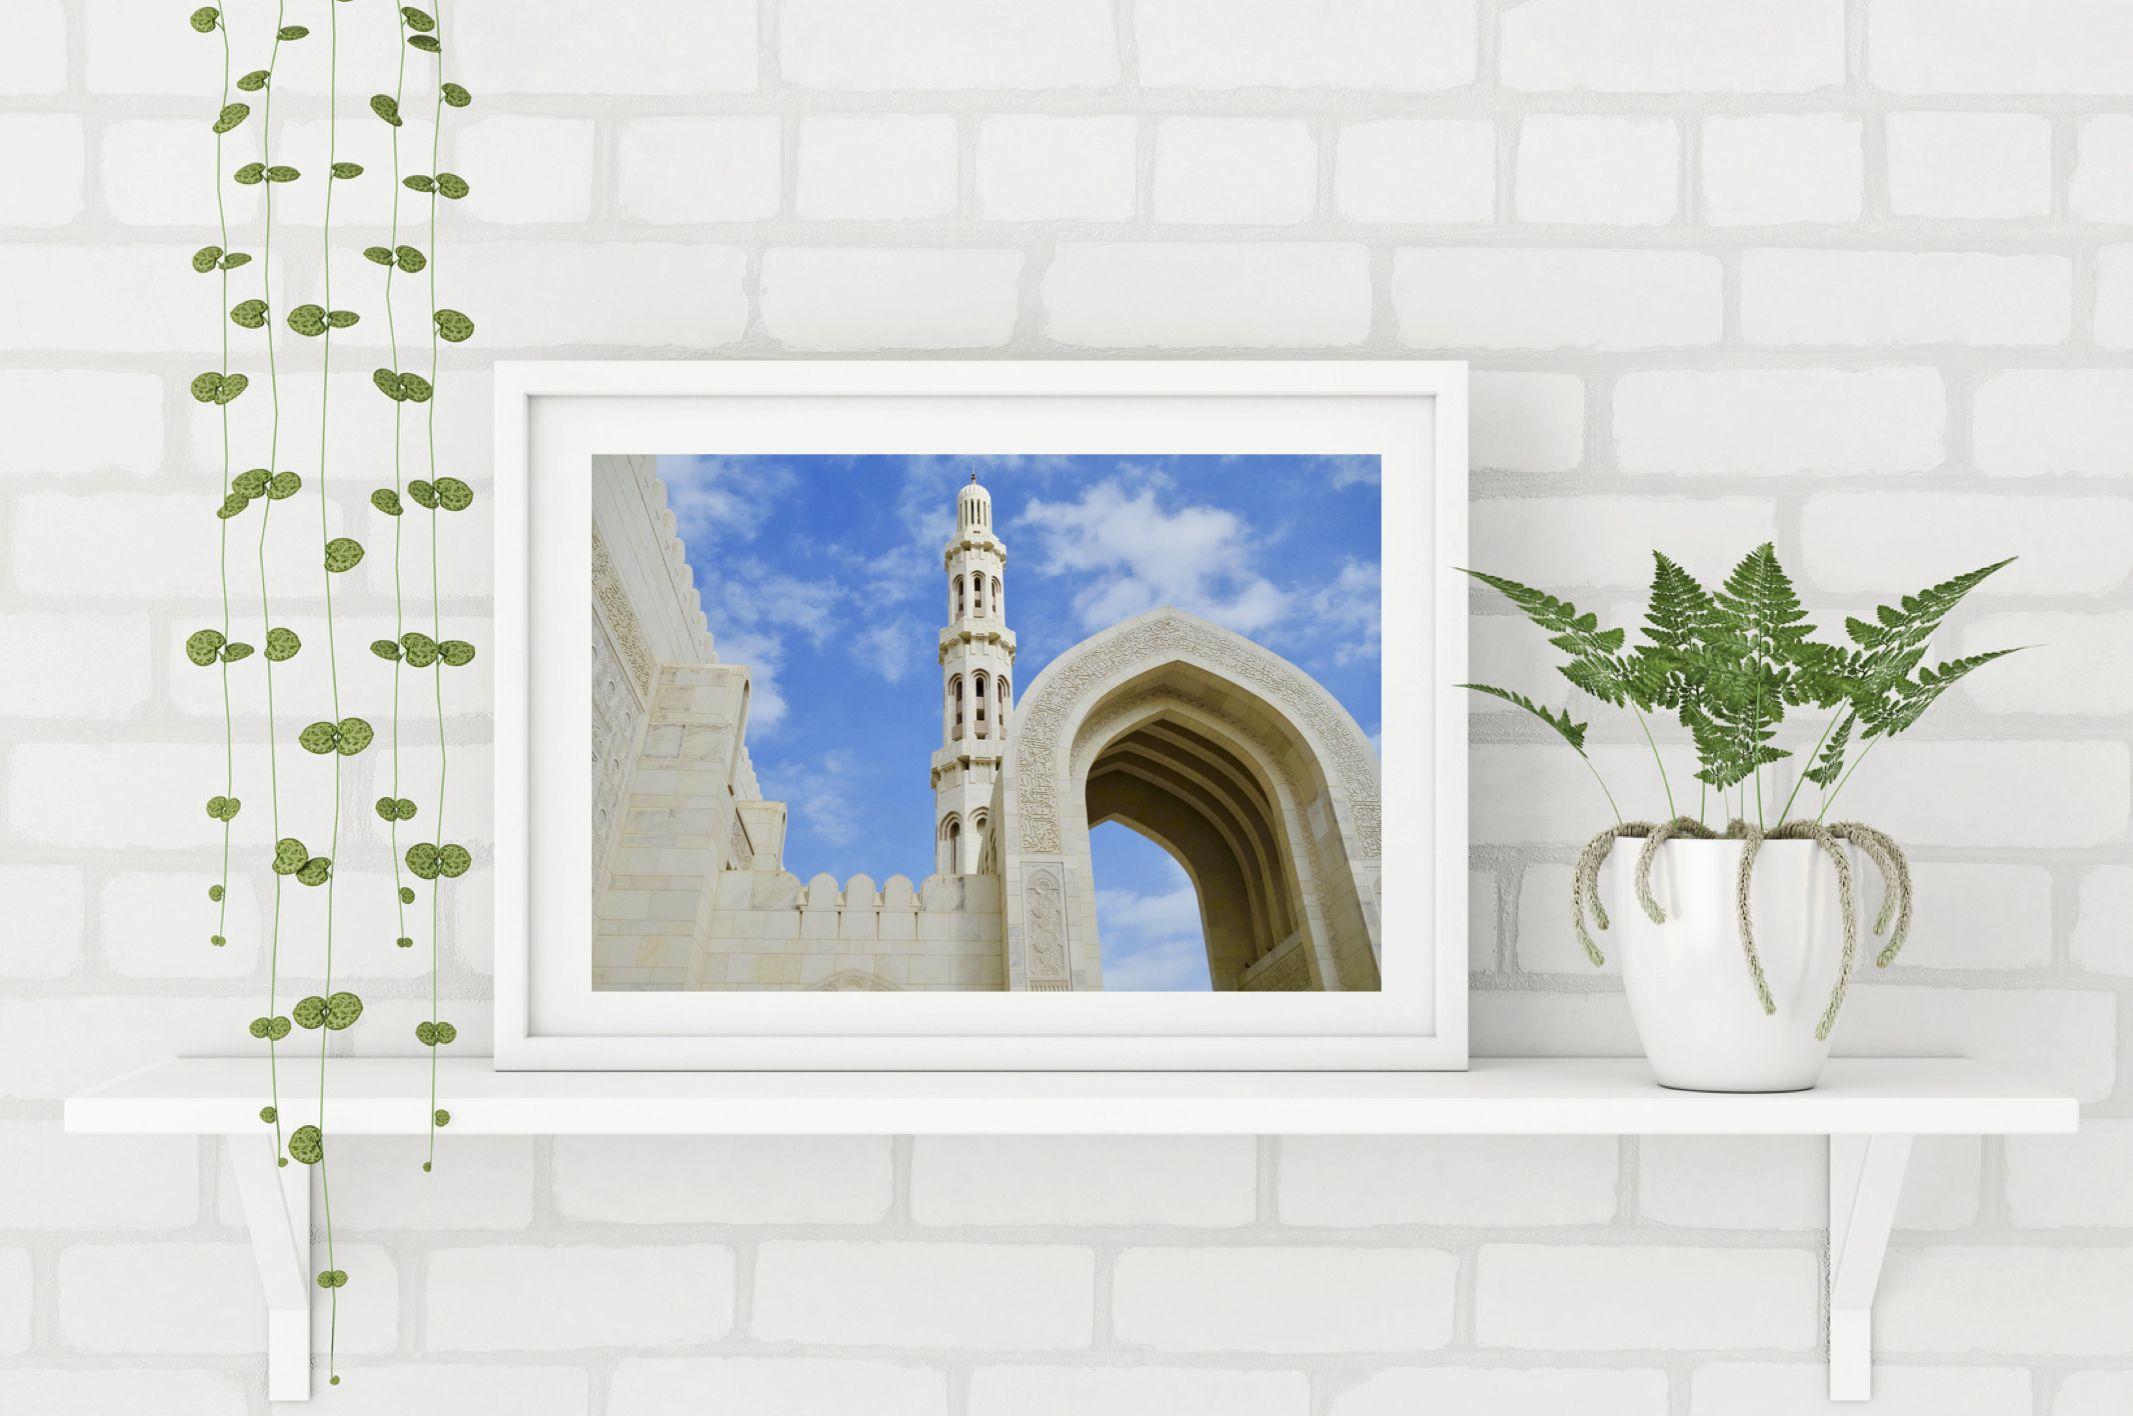 Himmel Uber Der Moschee Neben Dem Basar Ist Die Moschee Ein Weiteres Typisches Charakteristikum Der Muskat Oman Poster Shop Moschee Foto Poster